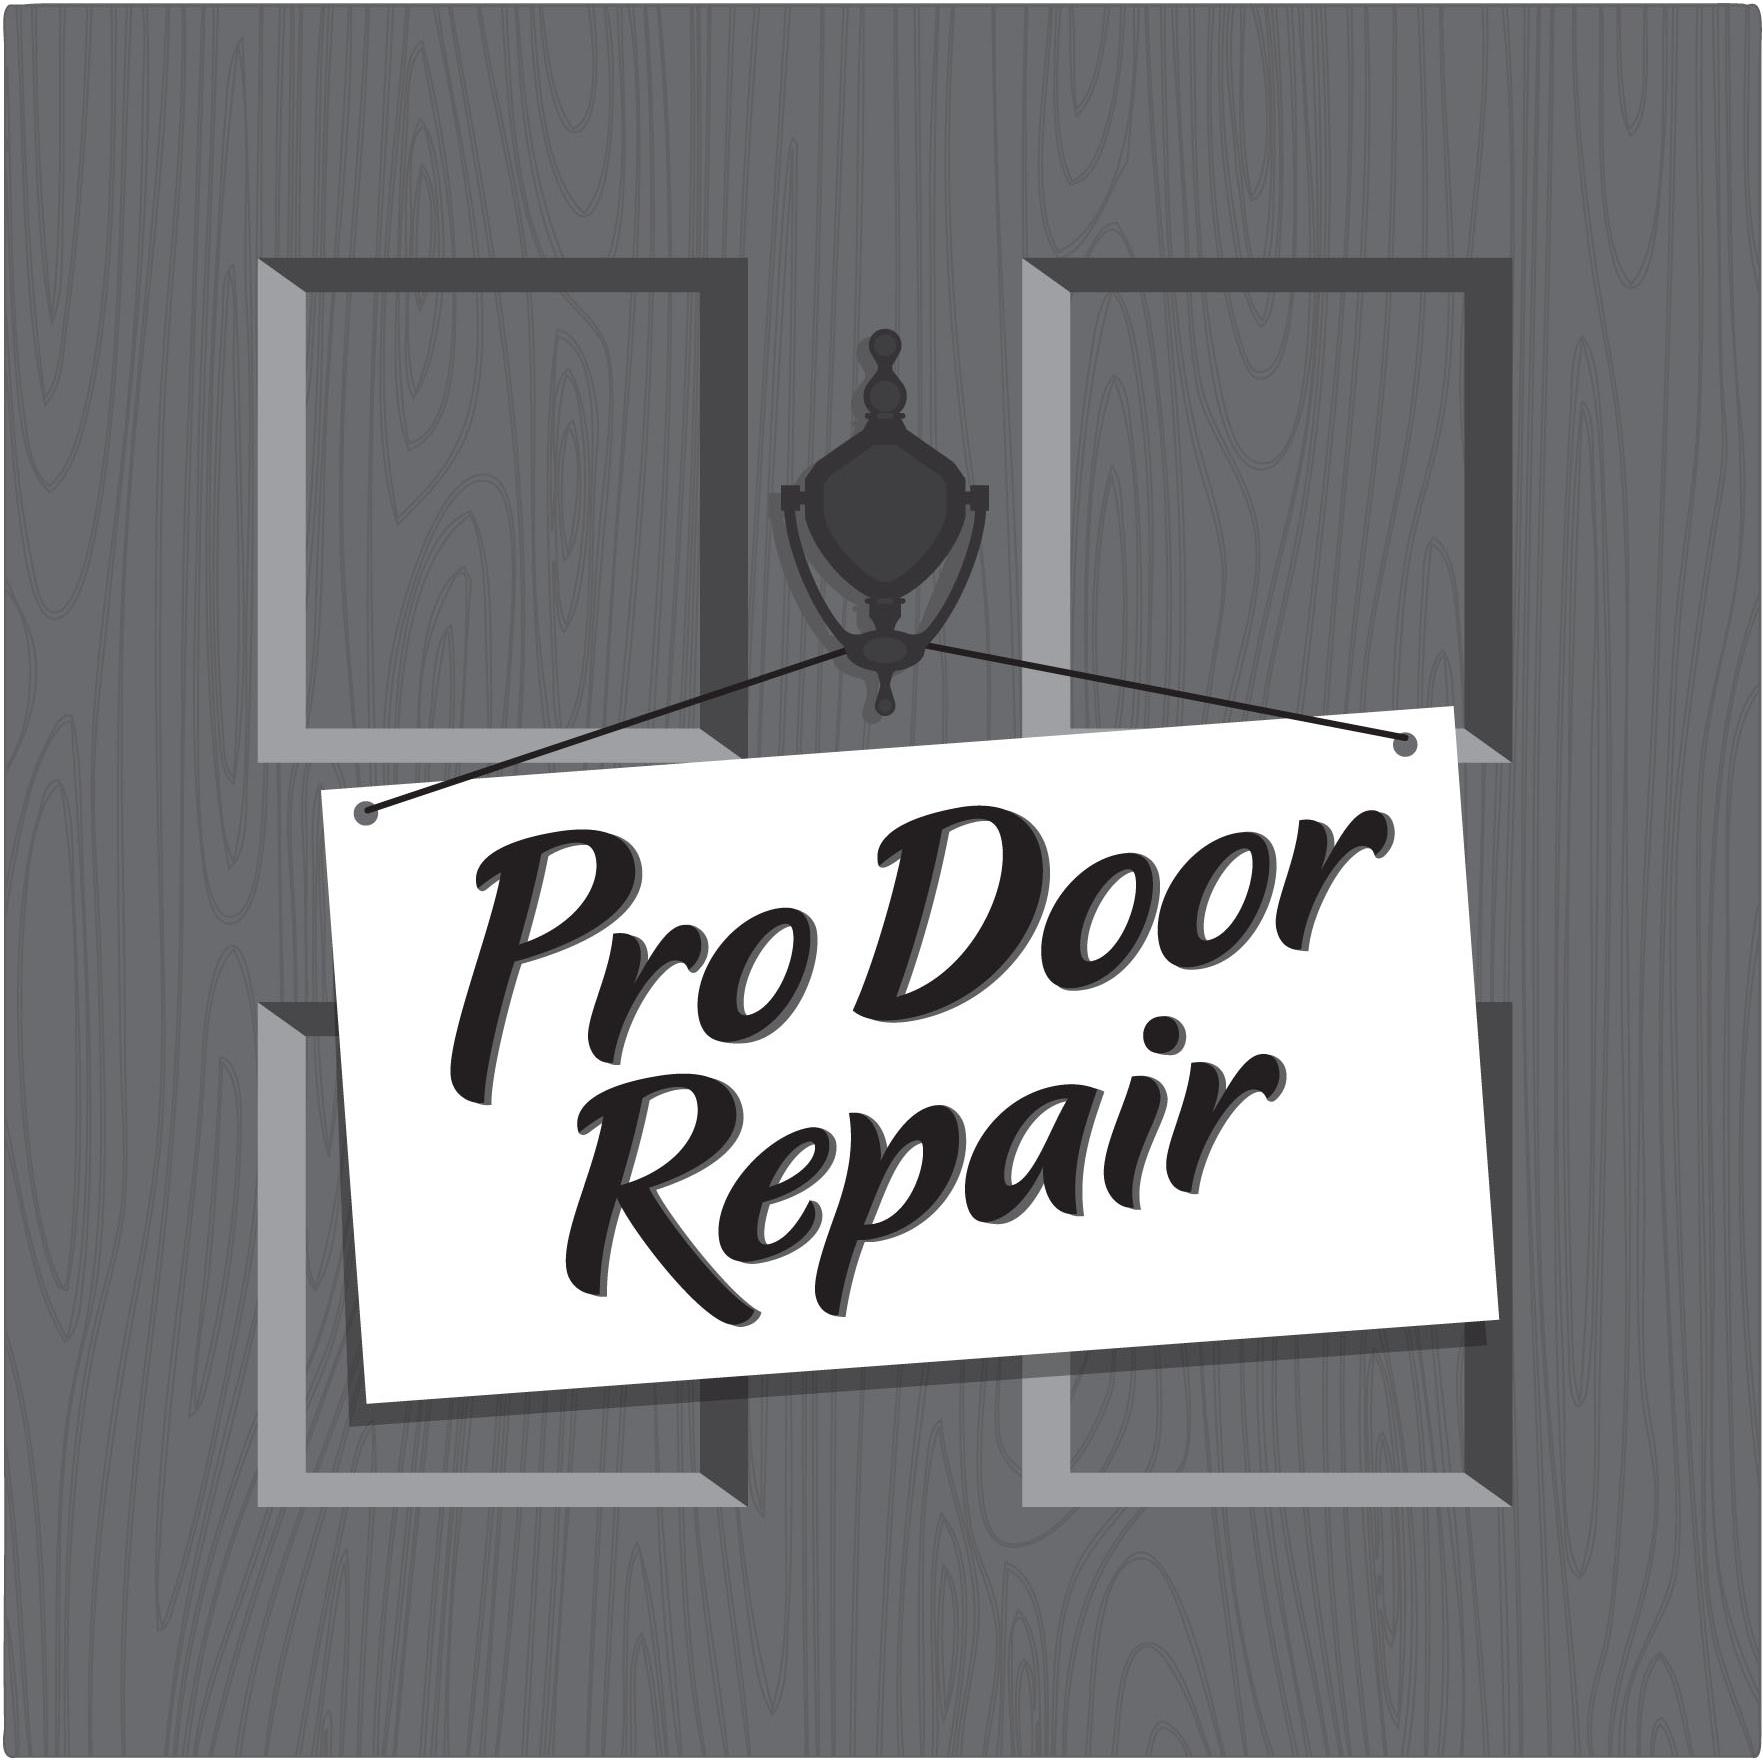 Pro Door Repair & Replacement Doors